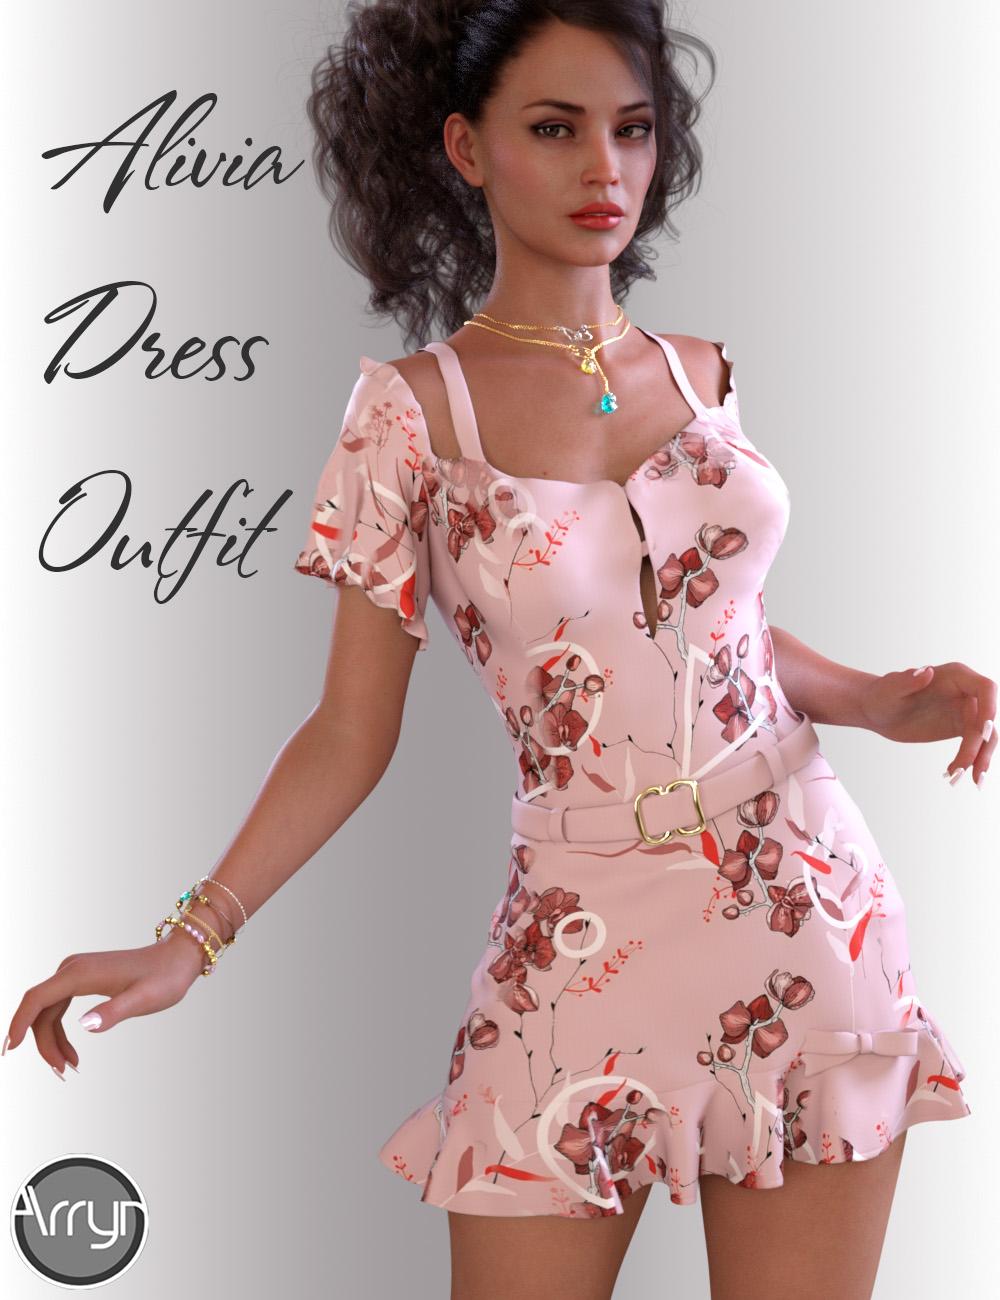 dForce Alivia Candy Dress for Genesis 8 Female(s) by: OnnelArryn, 3D Models by Daz 3D